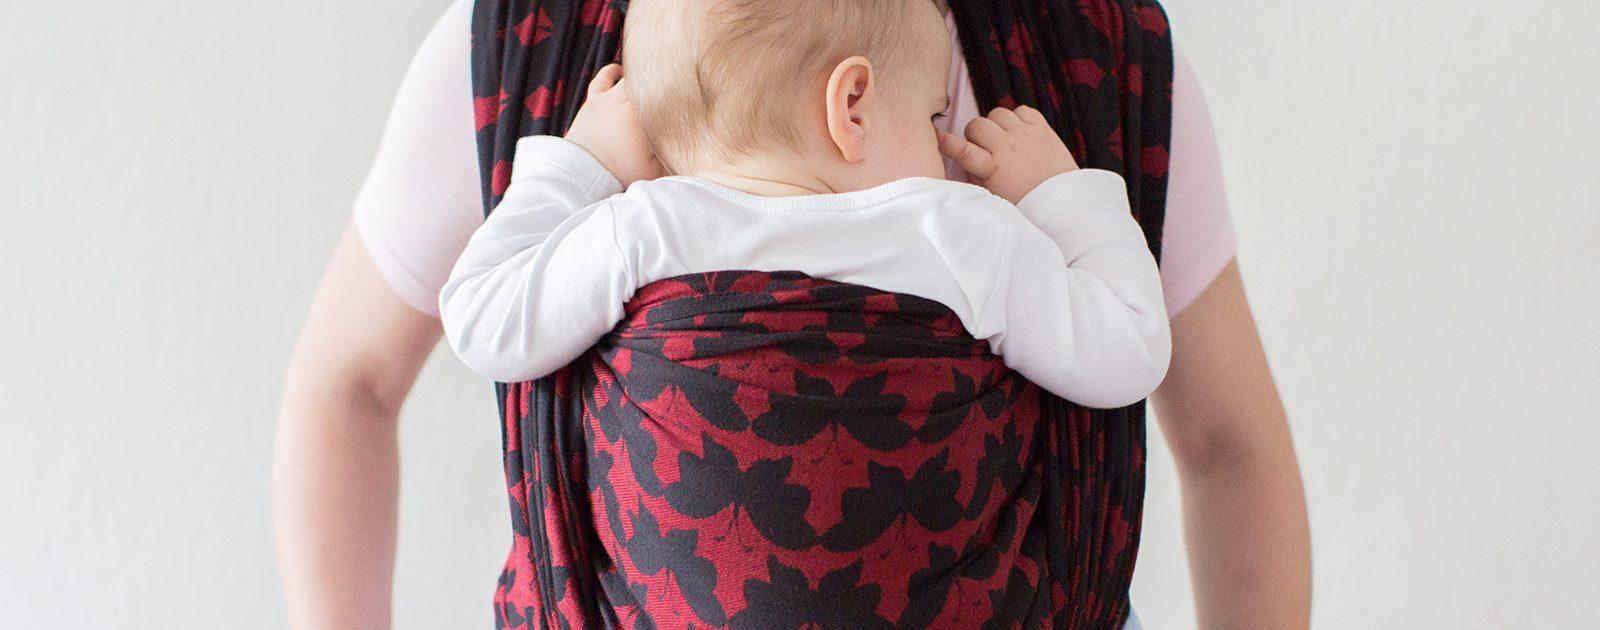 Eine Mutter trägt ihr Baby in einem Tragetuch.